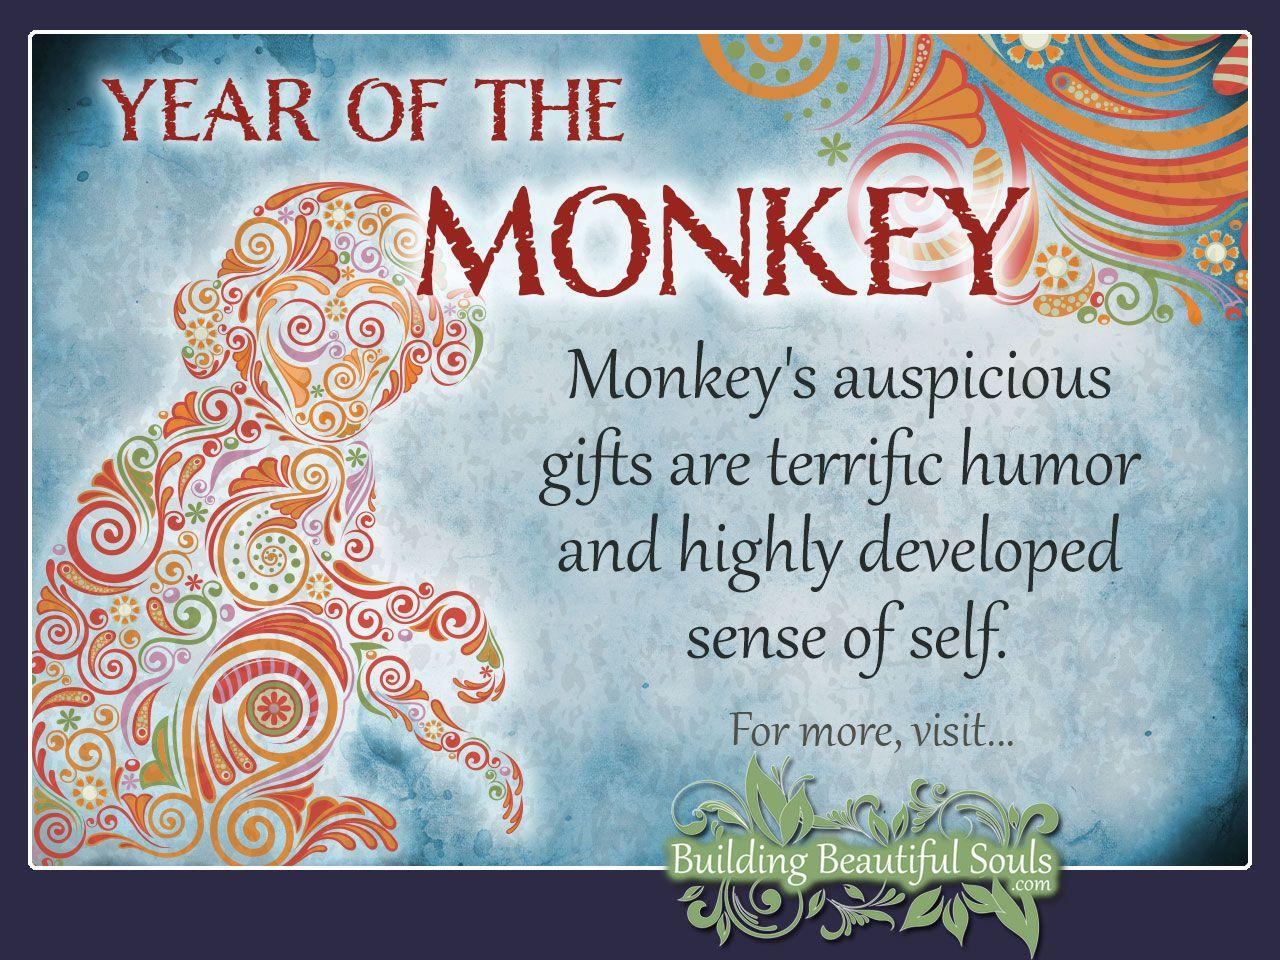 Chinese Zodiac Monkey Chinese zodiac signs, Year of the